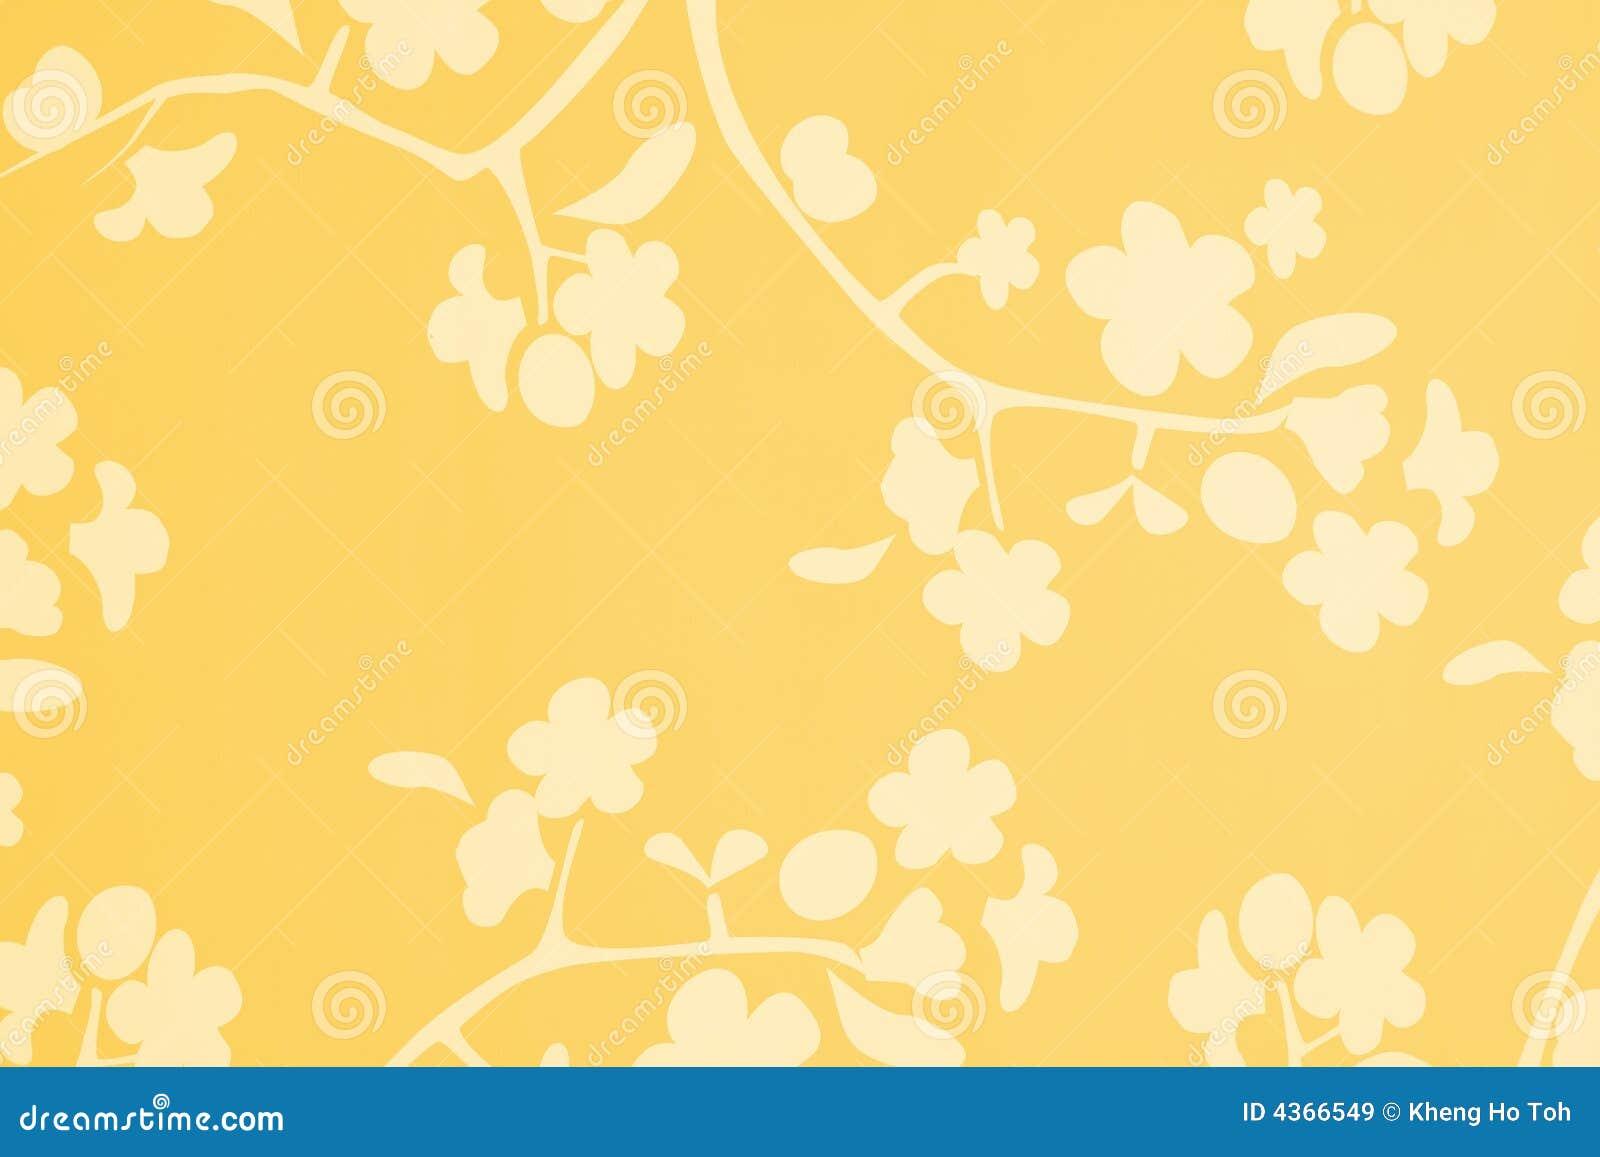 Priorità bassa bianca del fiore di colore giallo arancione